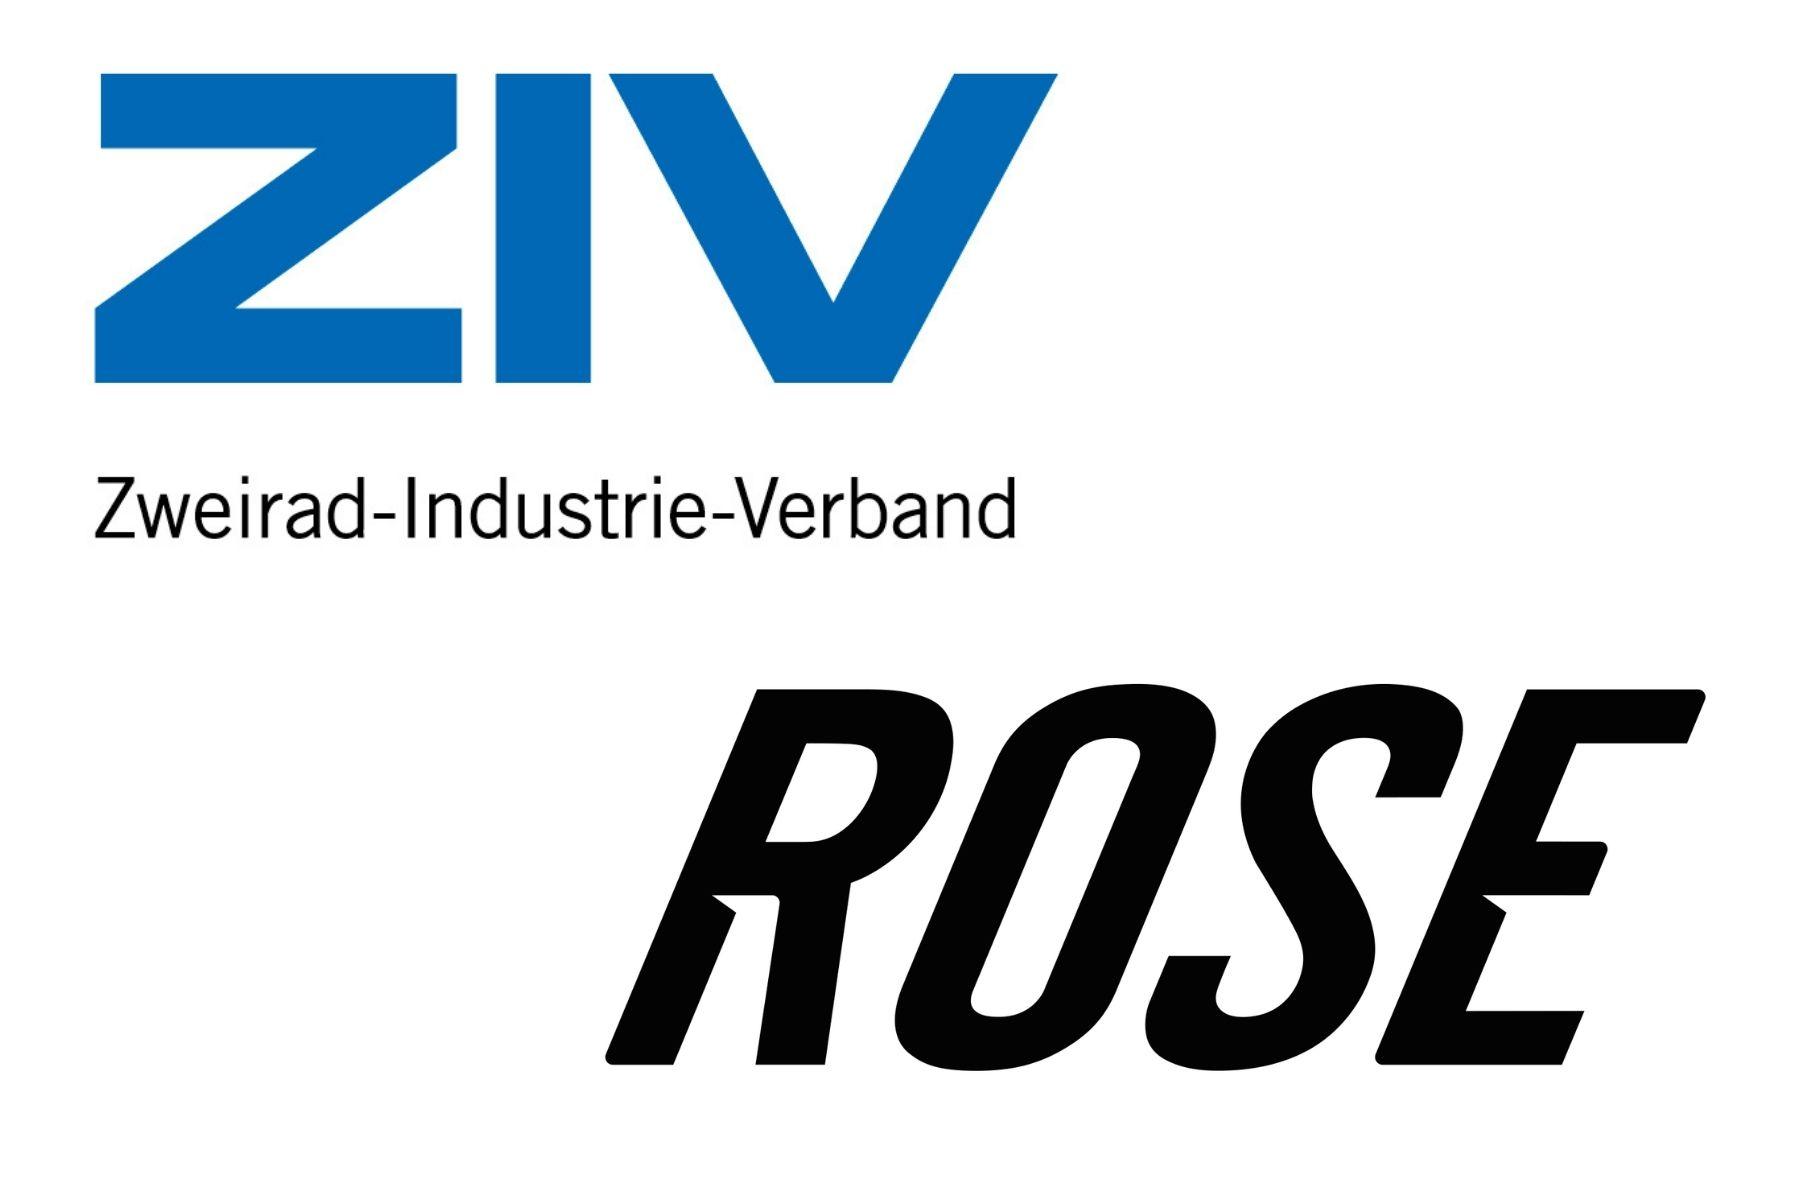 Zweirad-Industrie-Verband begrüßt ROSE Bikes als Fördermitglied